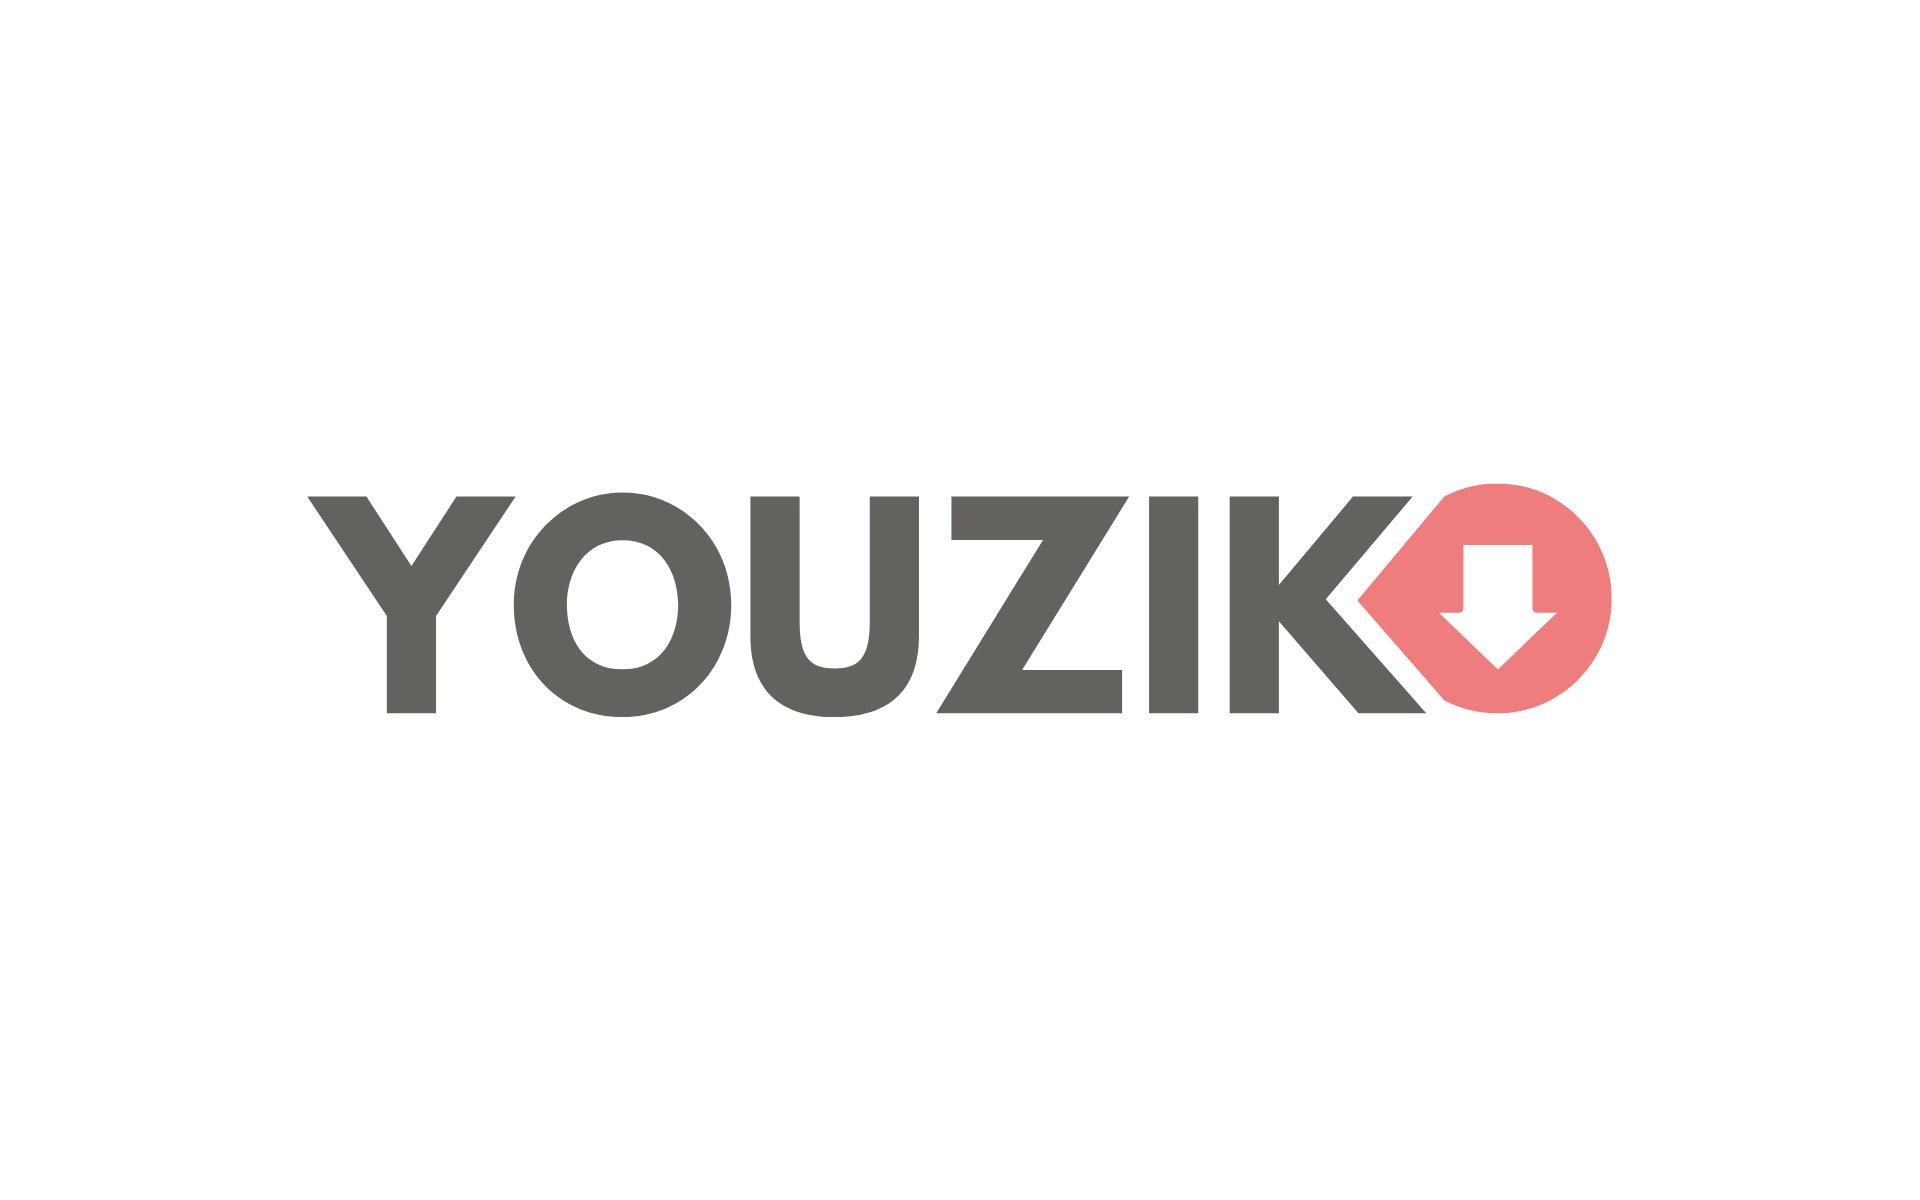 youzik mp3